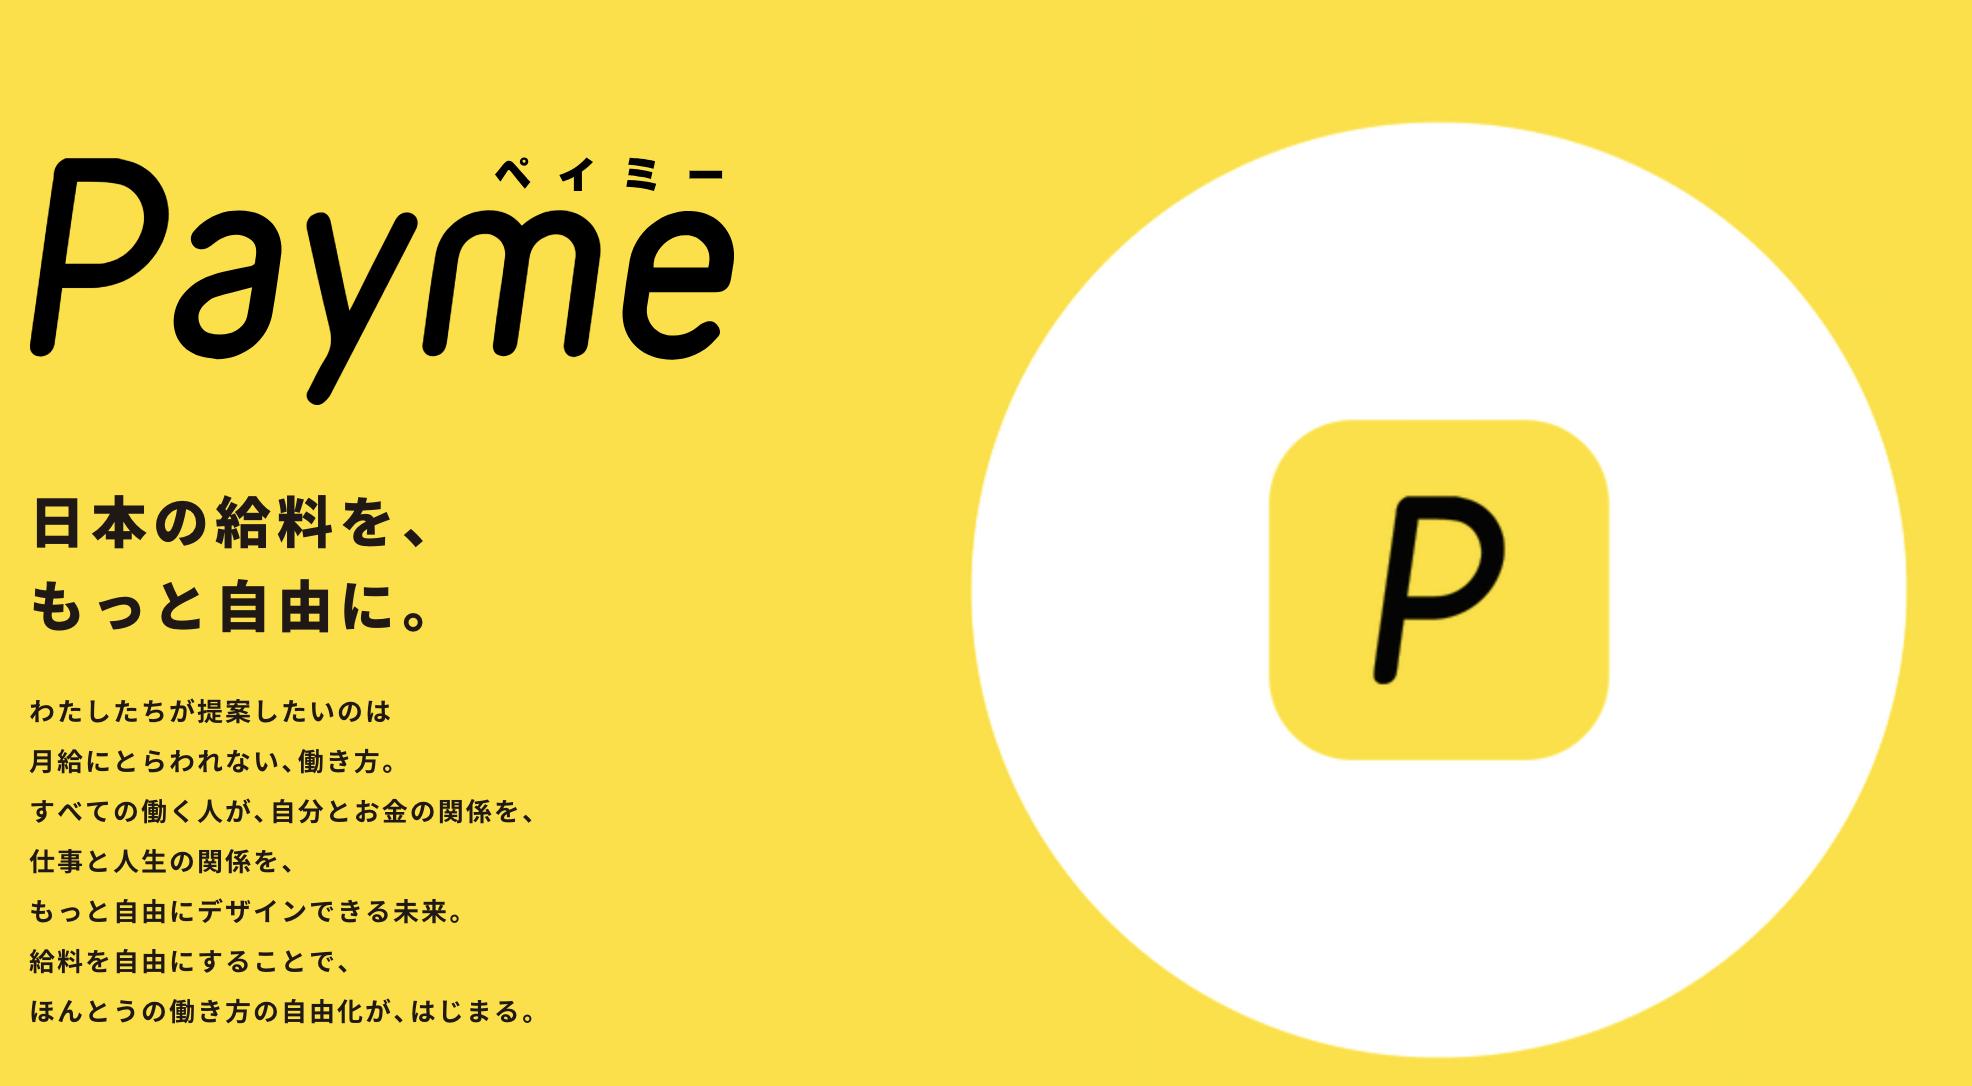 給与即日払いサービス「Payme」におけるJavaScriptを用いたフロントエンド開発業務